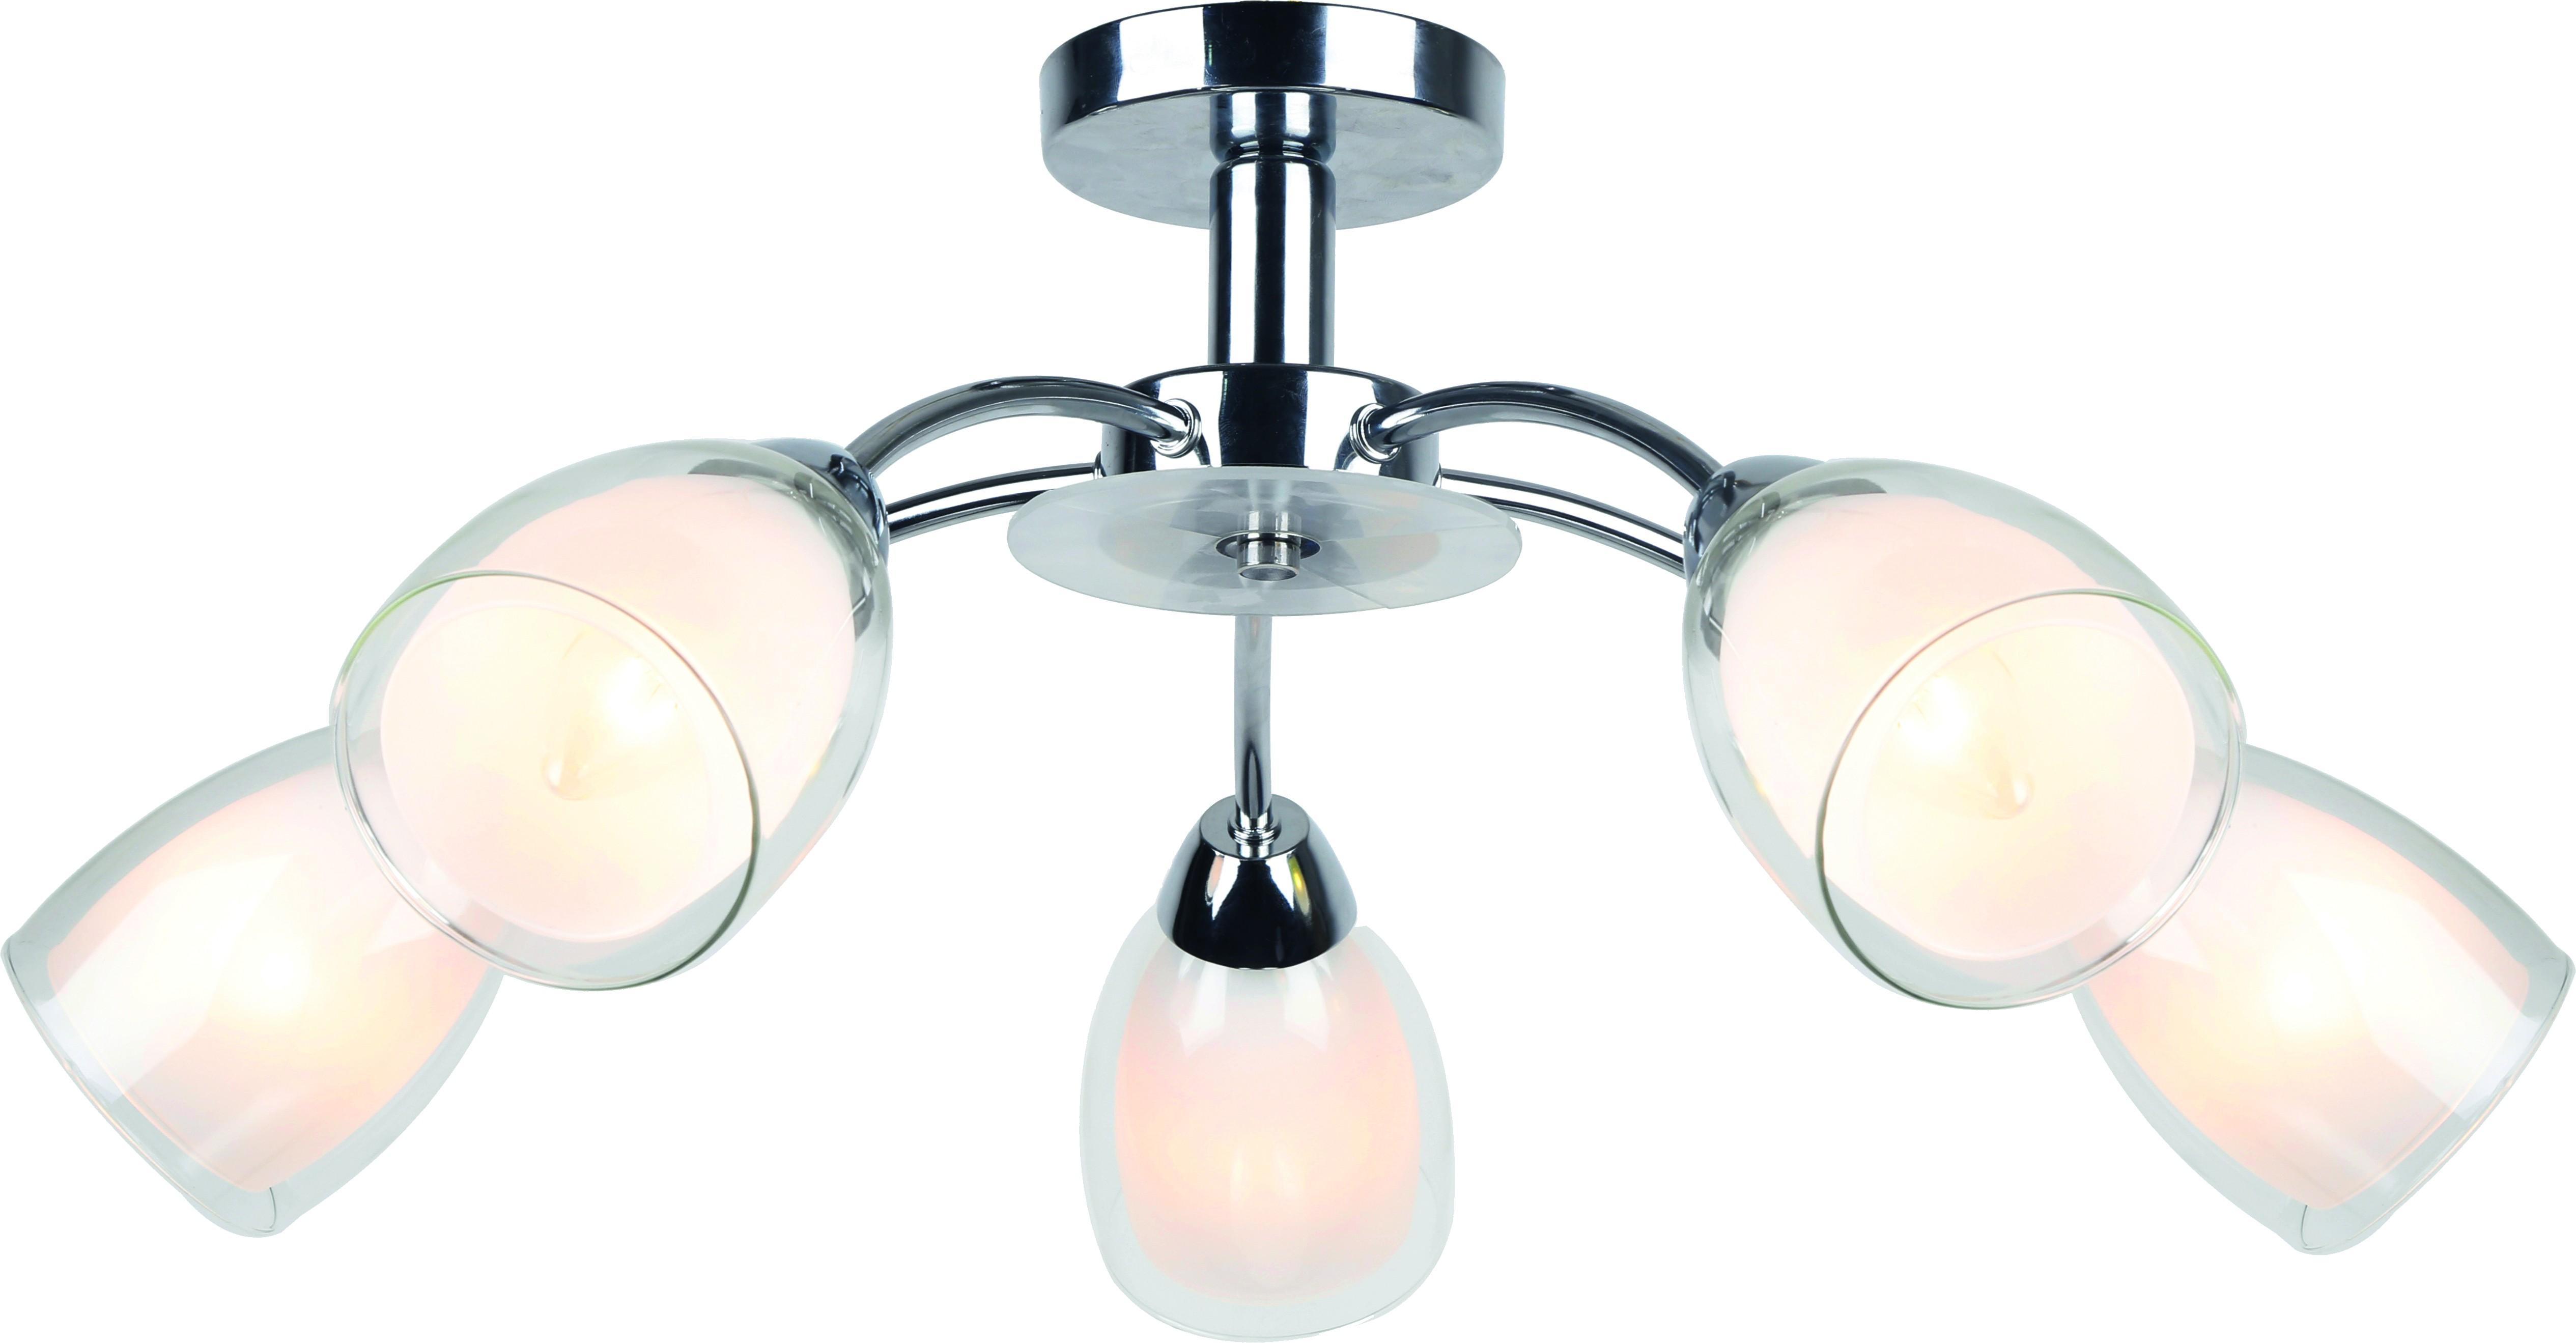 Люстра Arte lamp A7201pl-5cc arte lamp a7201pl 7cc